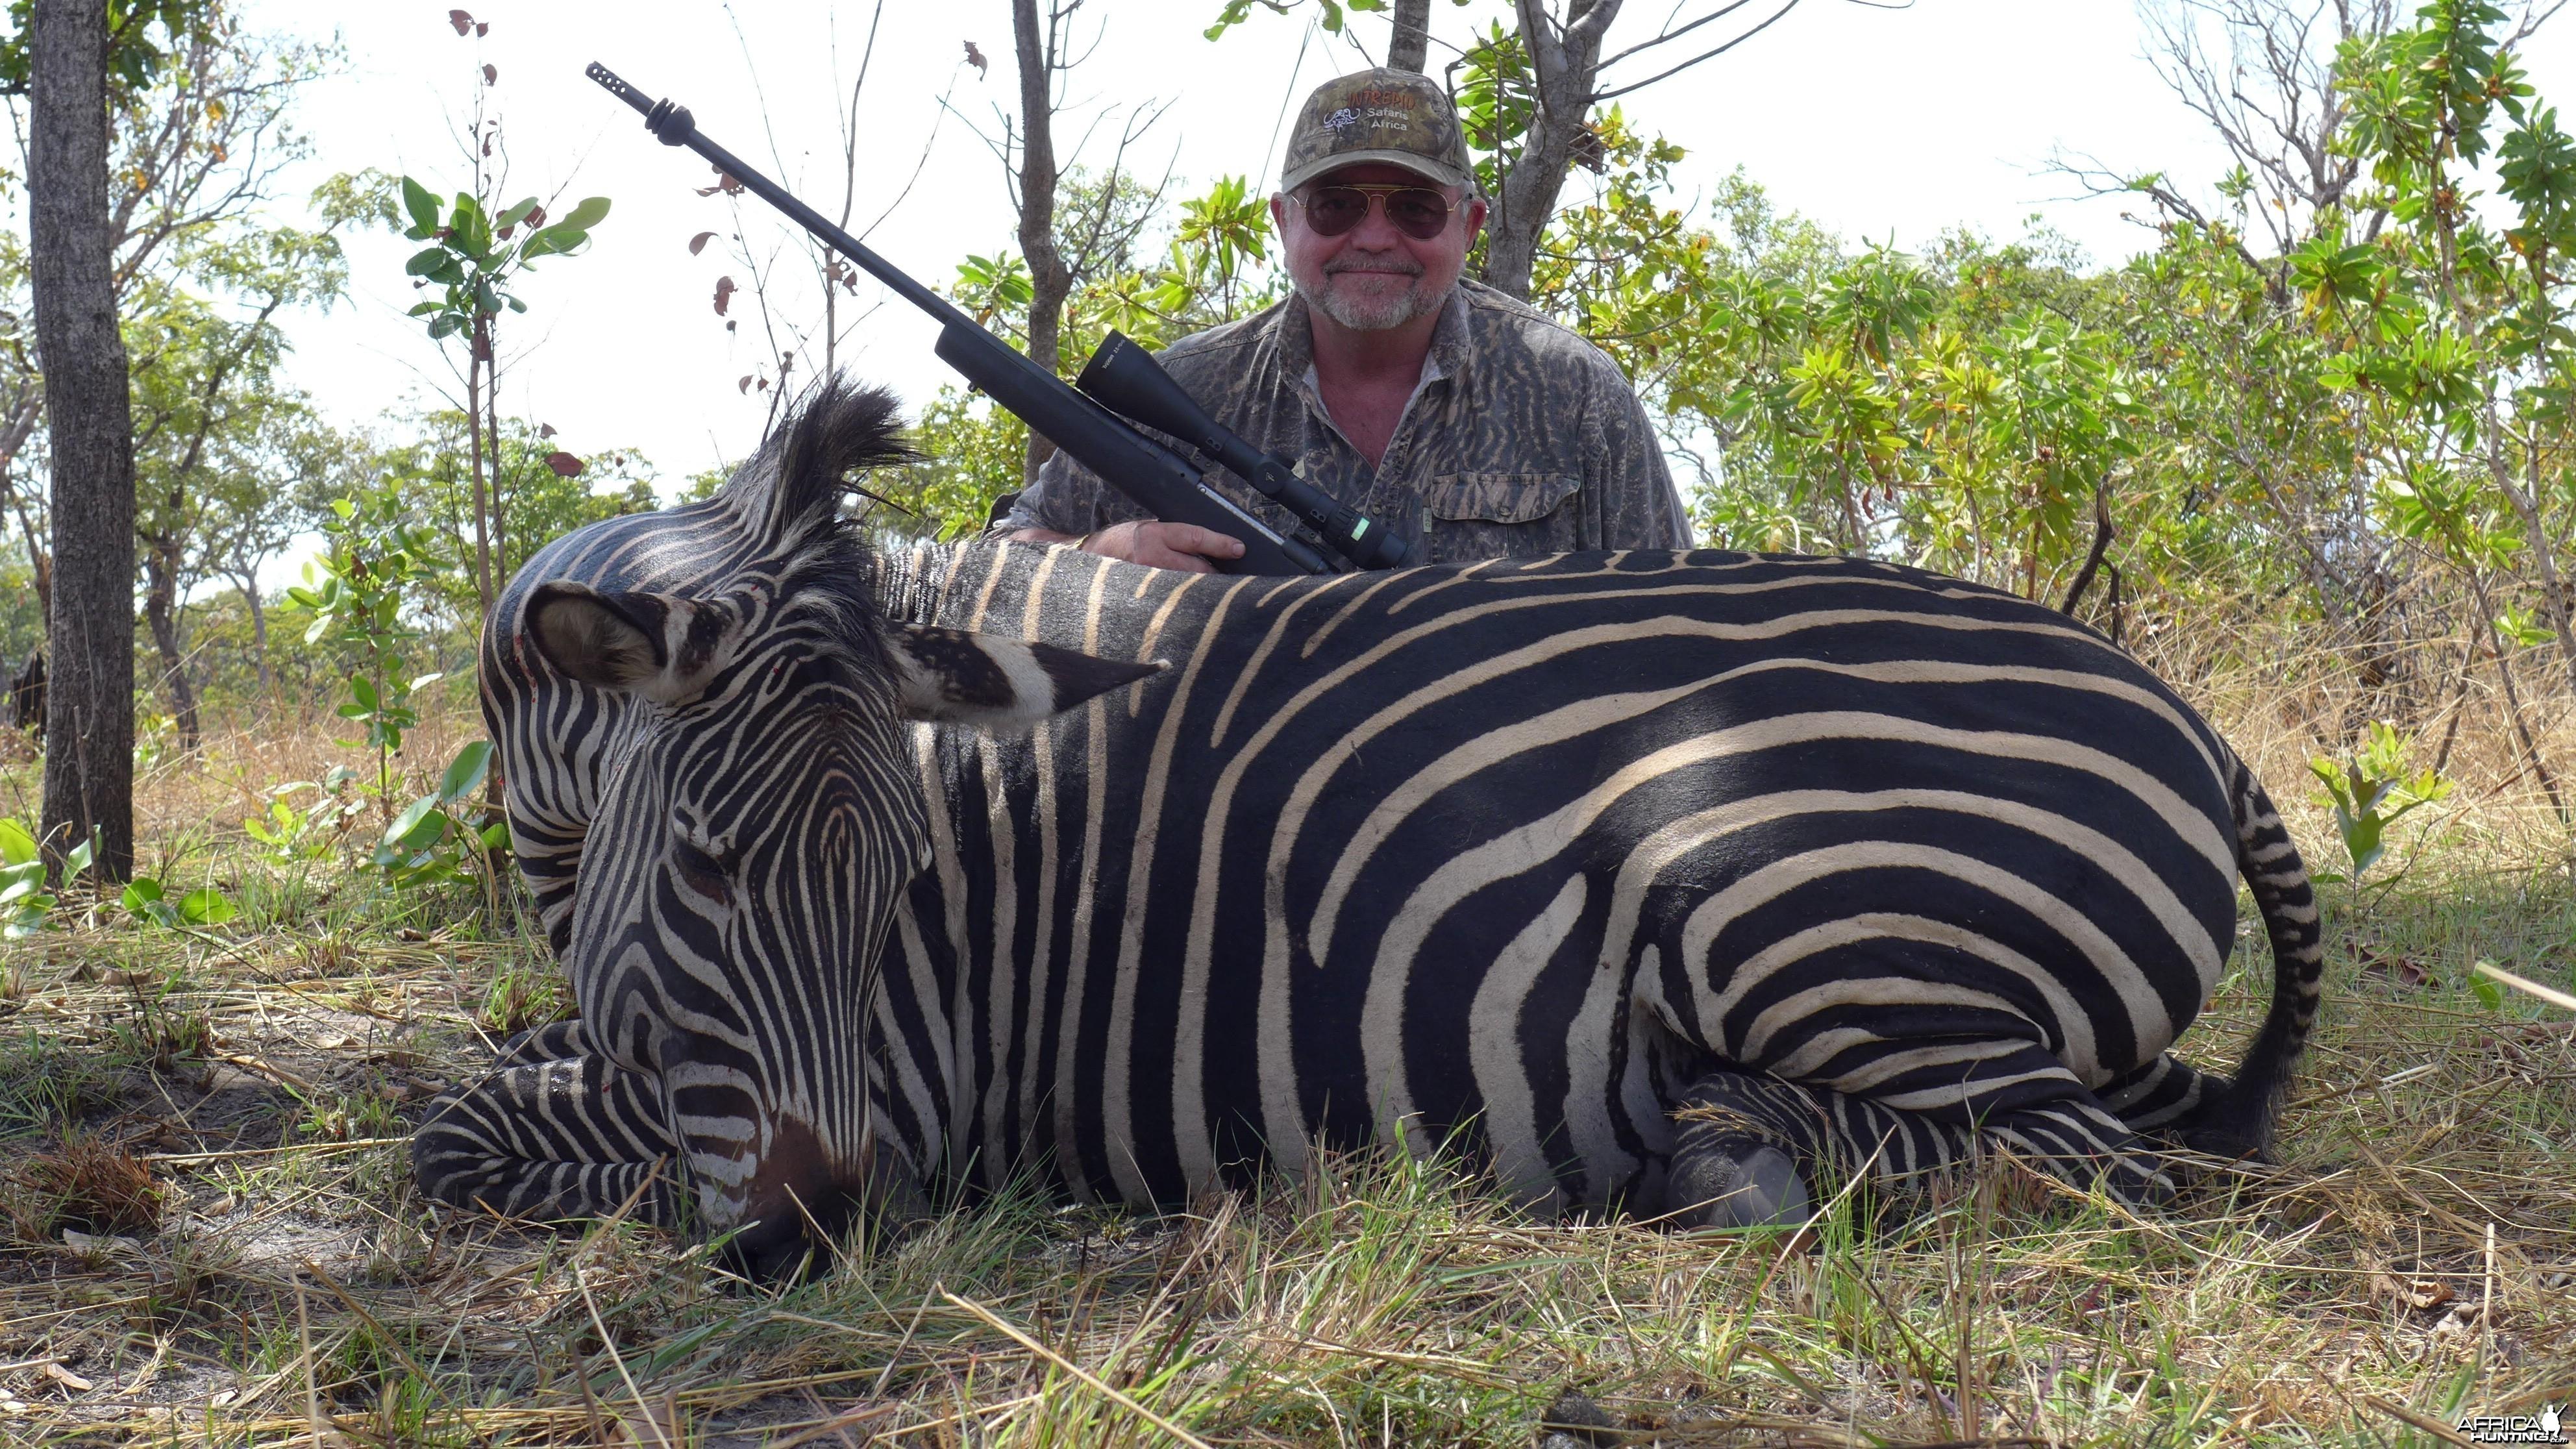 Selous Zebra